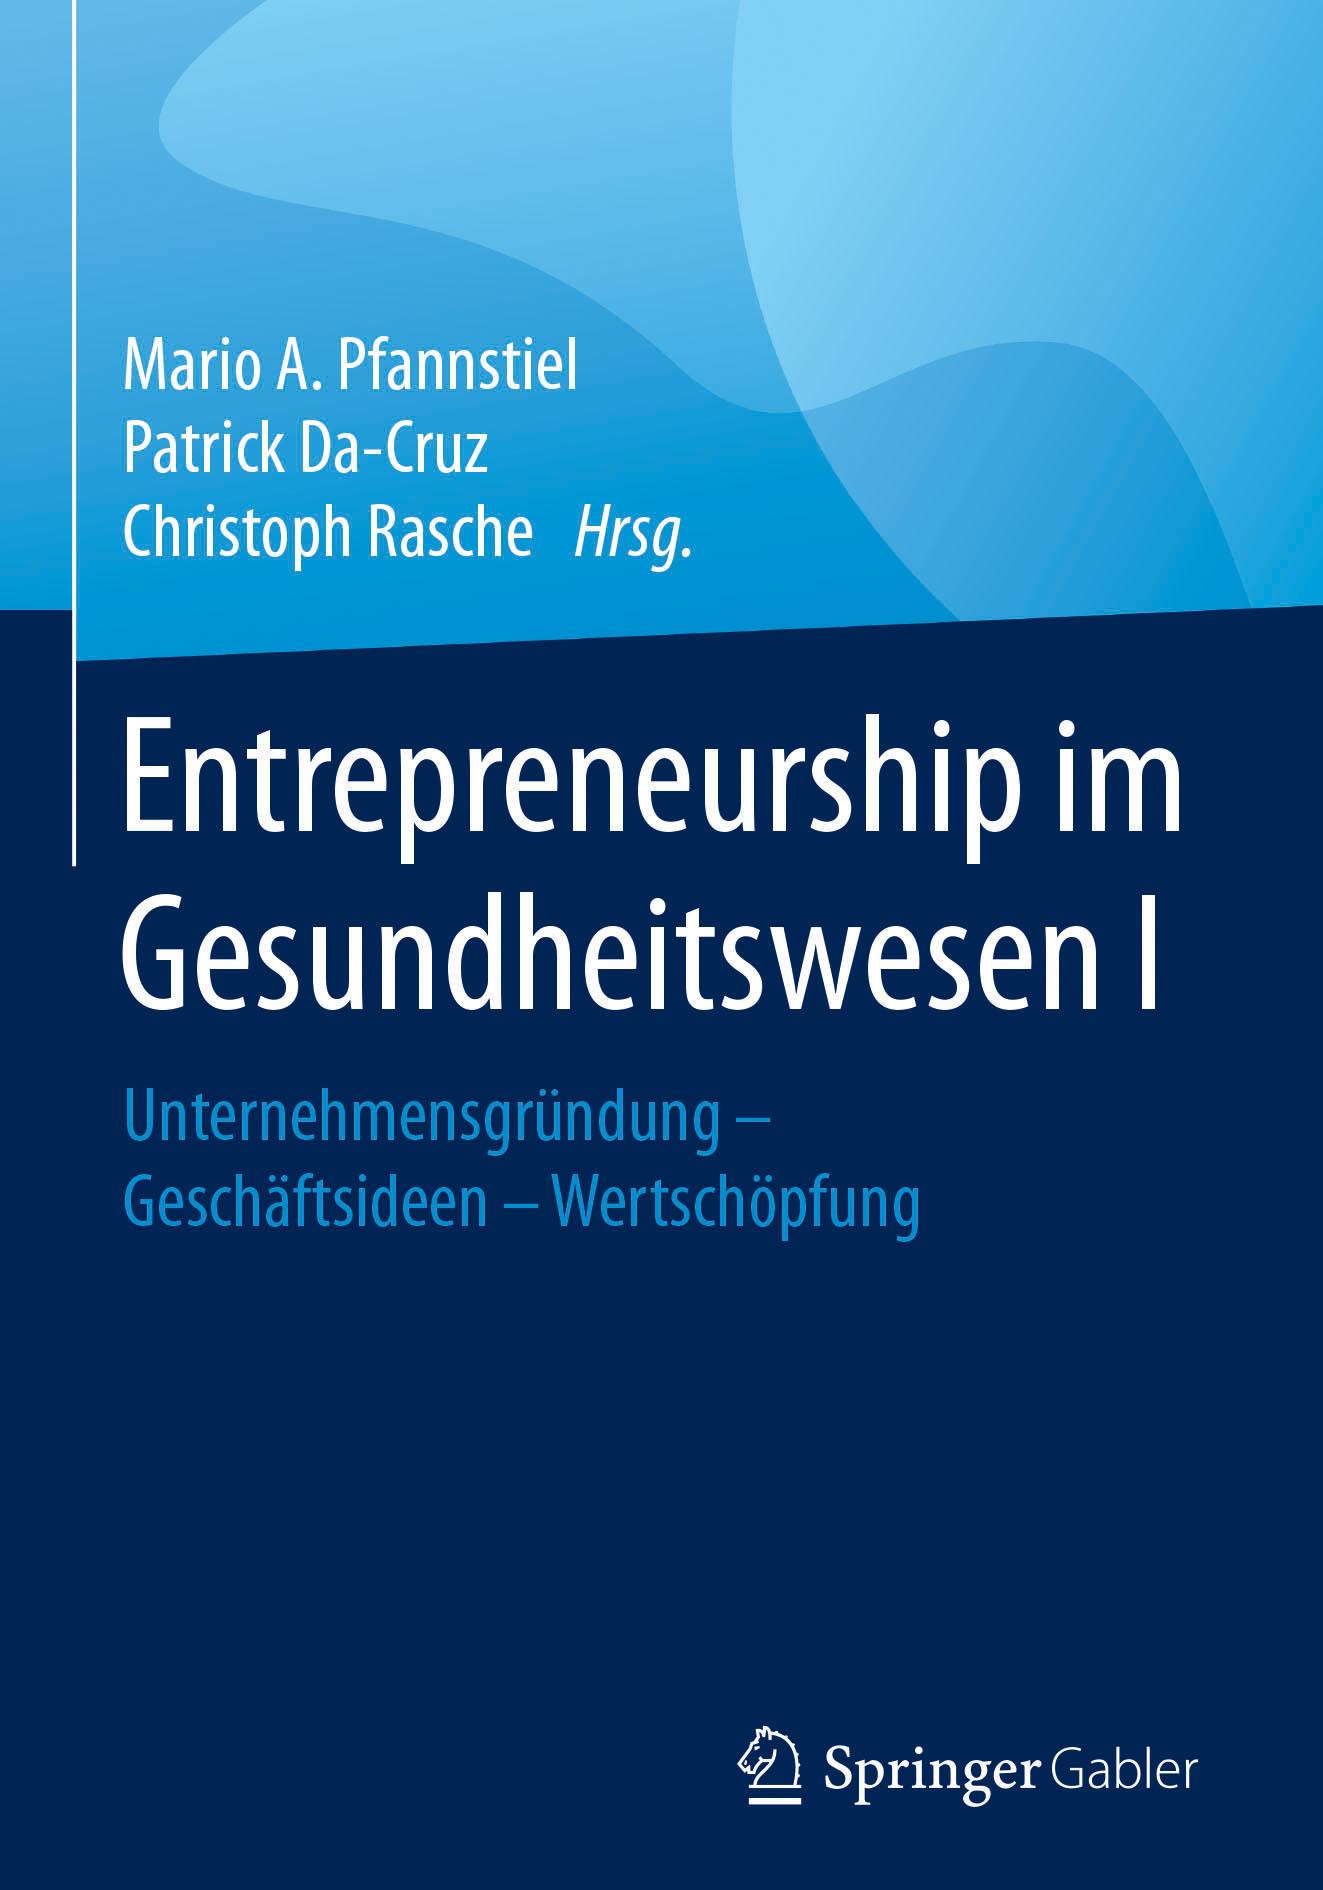 Da-Cruz, Patrick - Entrepreneurship im Gesundheitswesen I, ebook